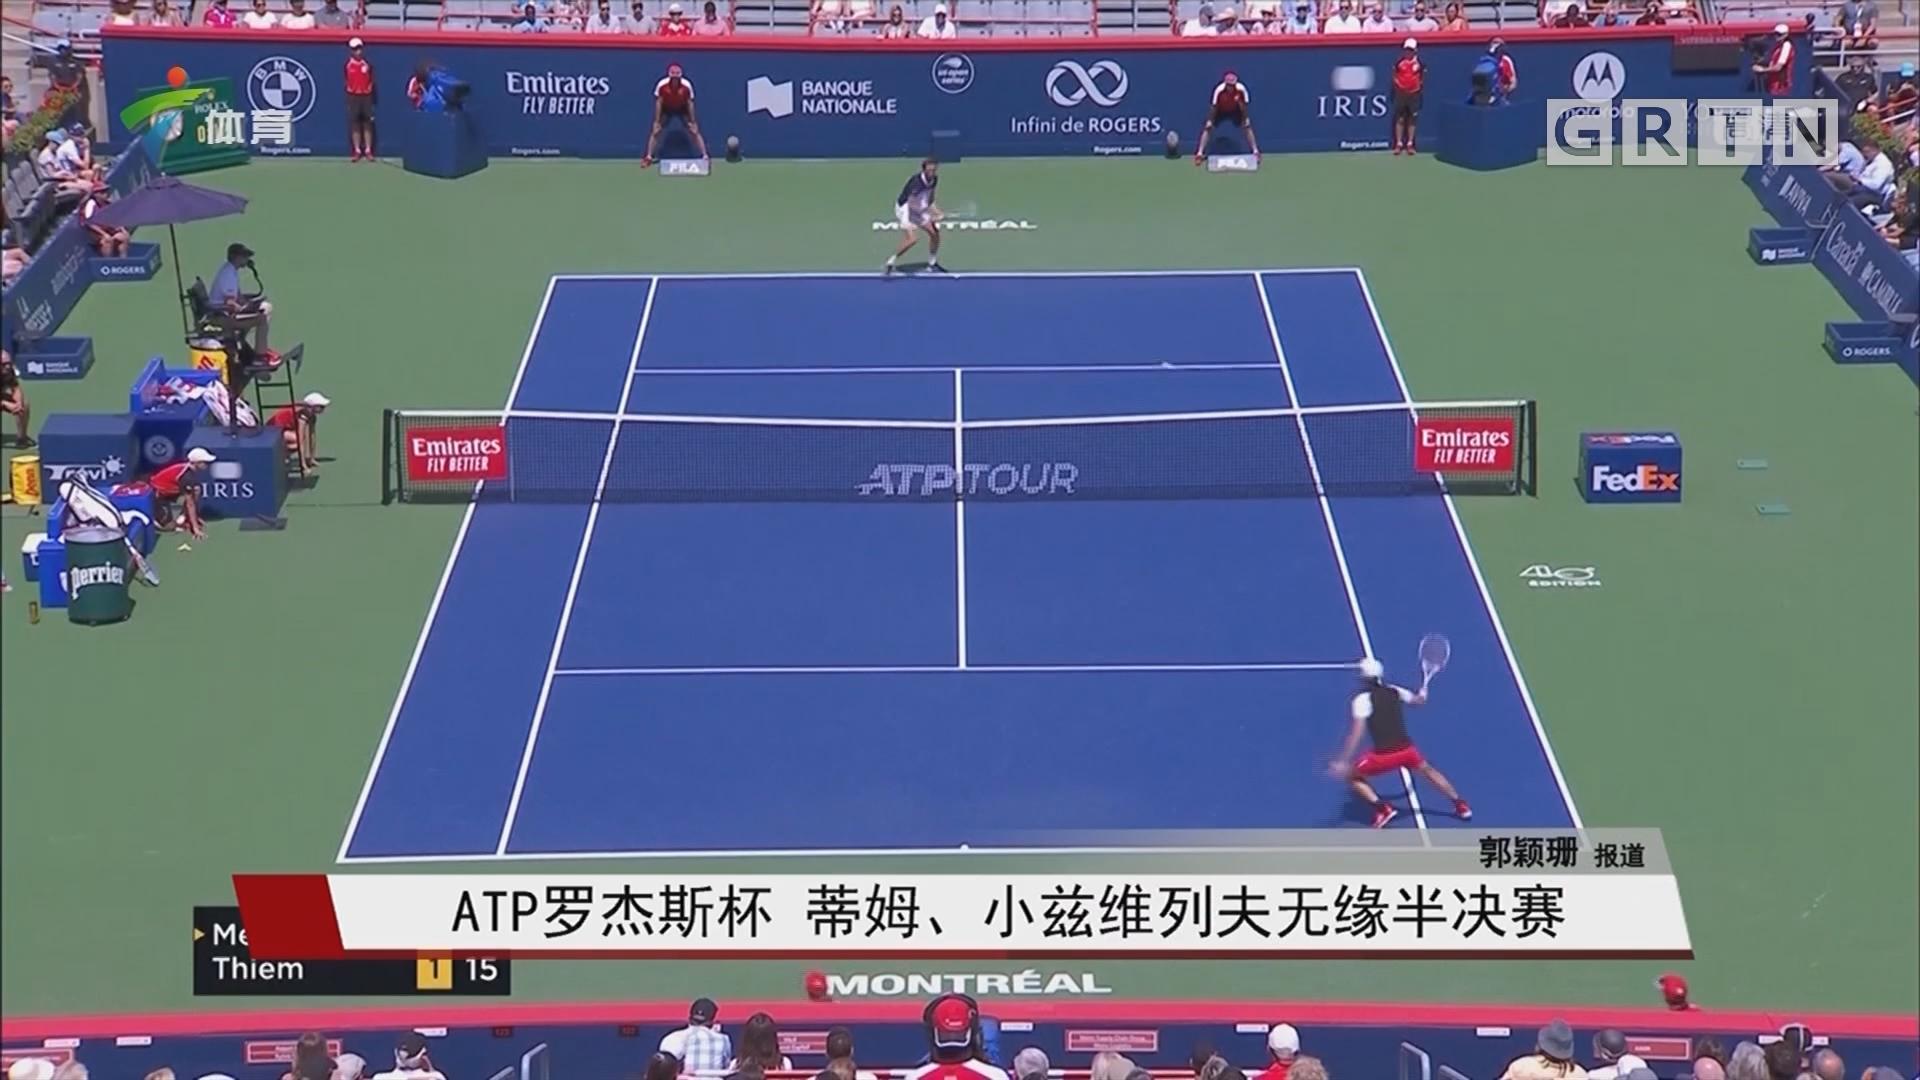 ATP罗杰斯杯 蒂姆、小兹维列夫无缘半决赛